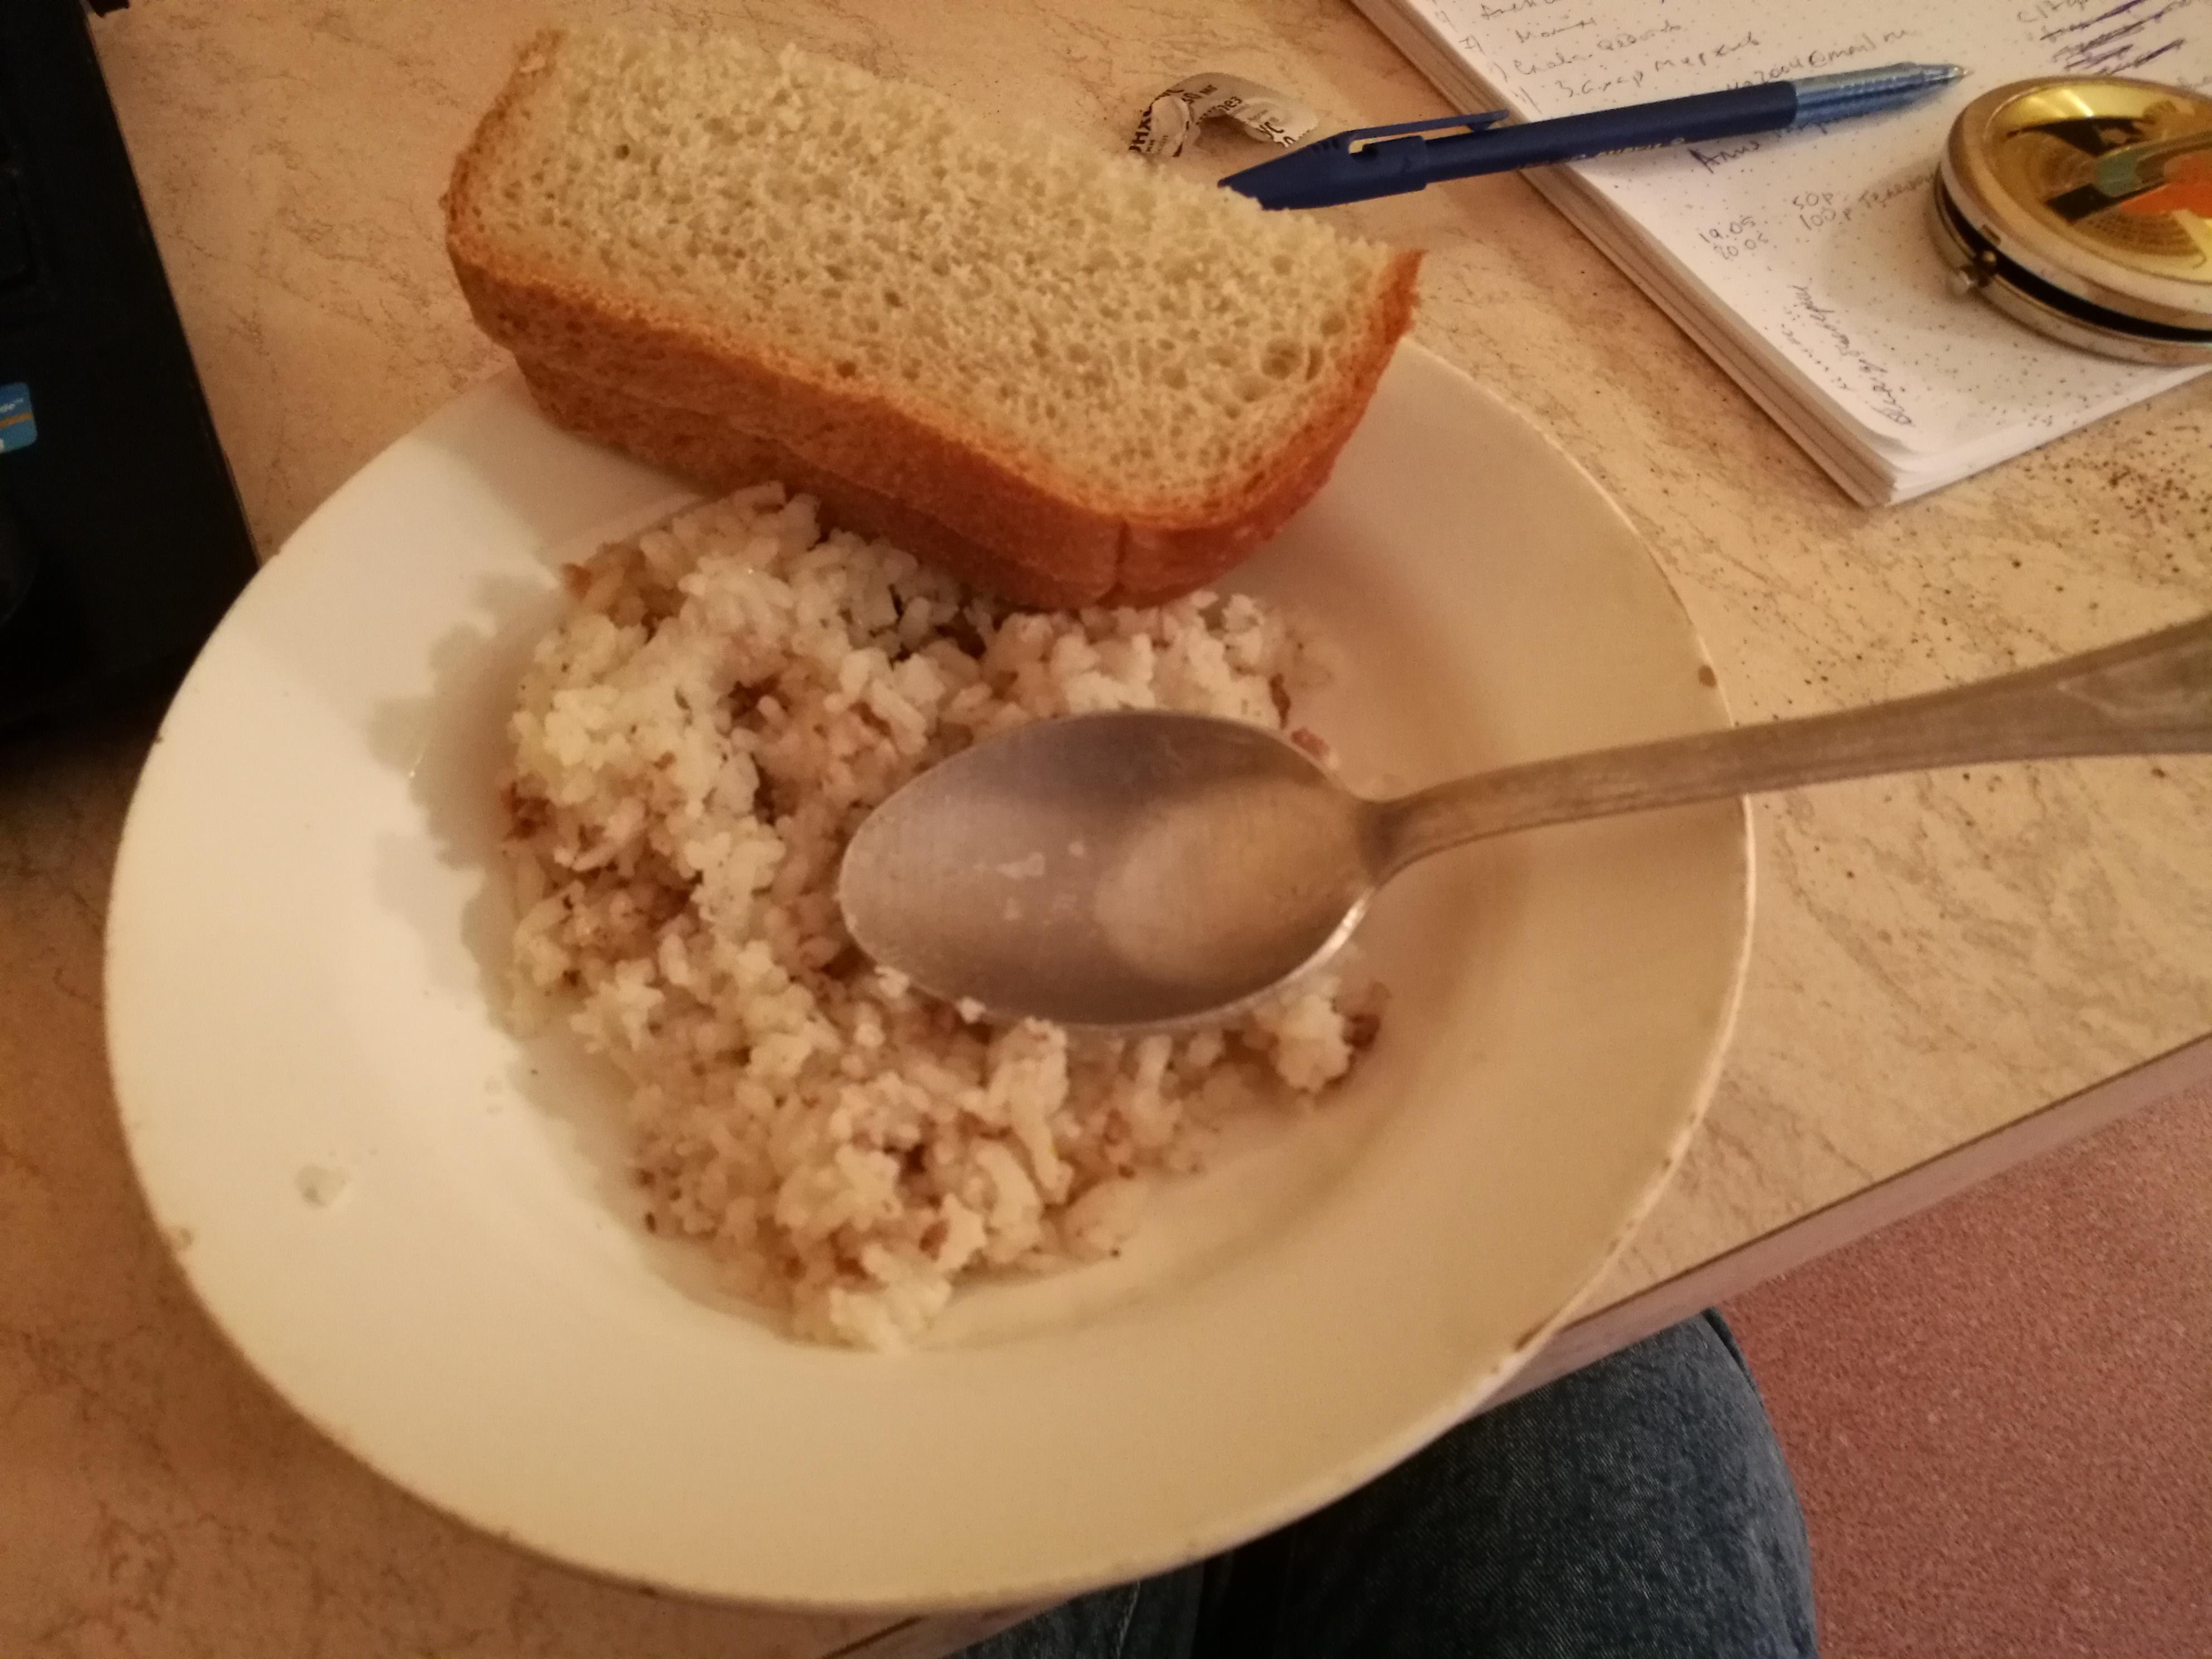 Ужин: рис с мясом, 2 кусочка хлеба, чай